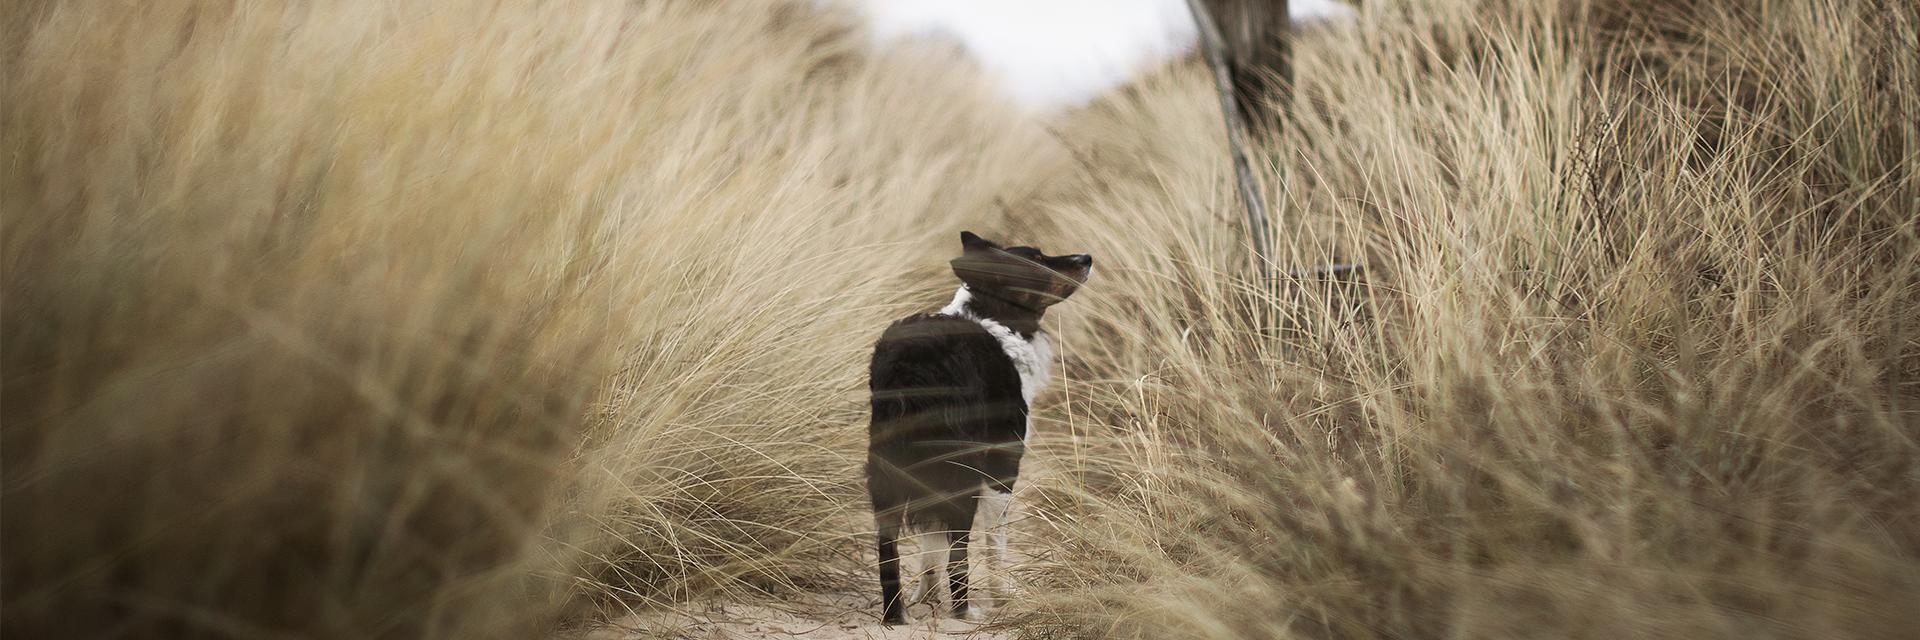 hond op duinpad